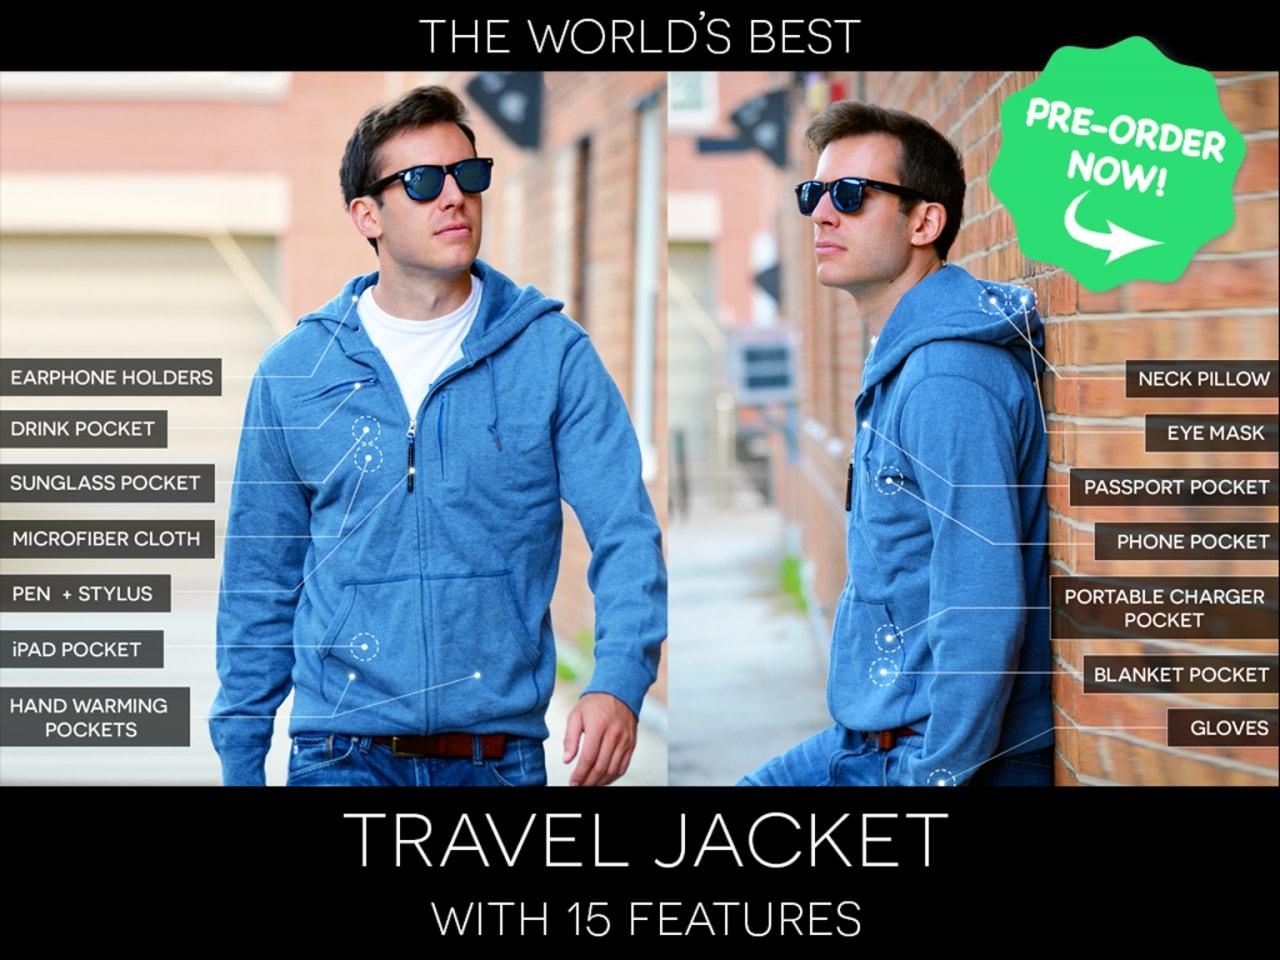 giacca da viaggio kickstarter